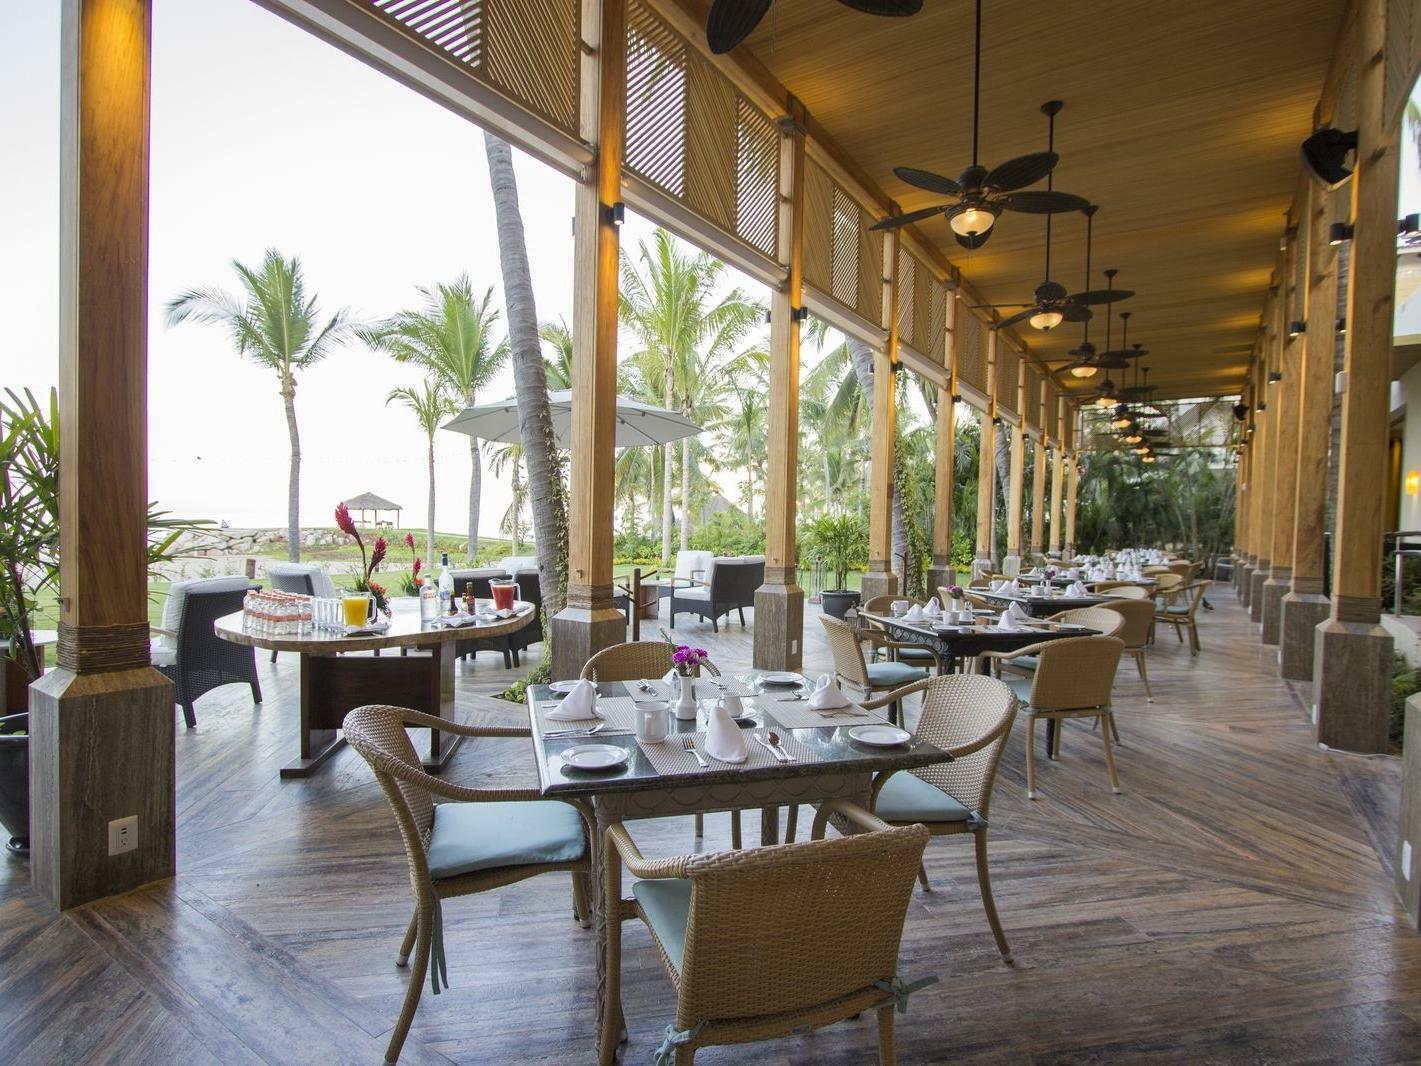 Patio Dining Area